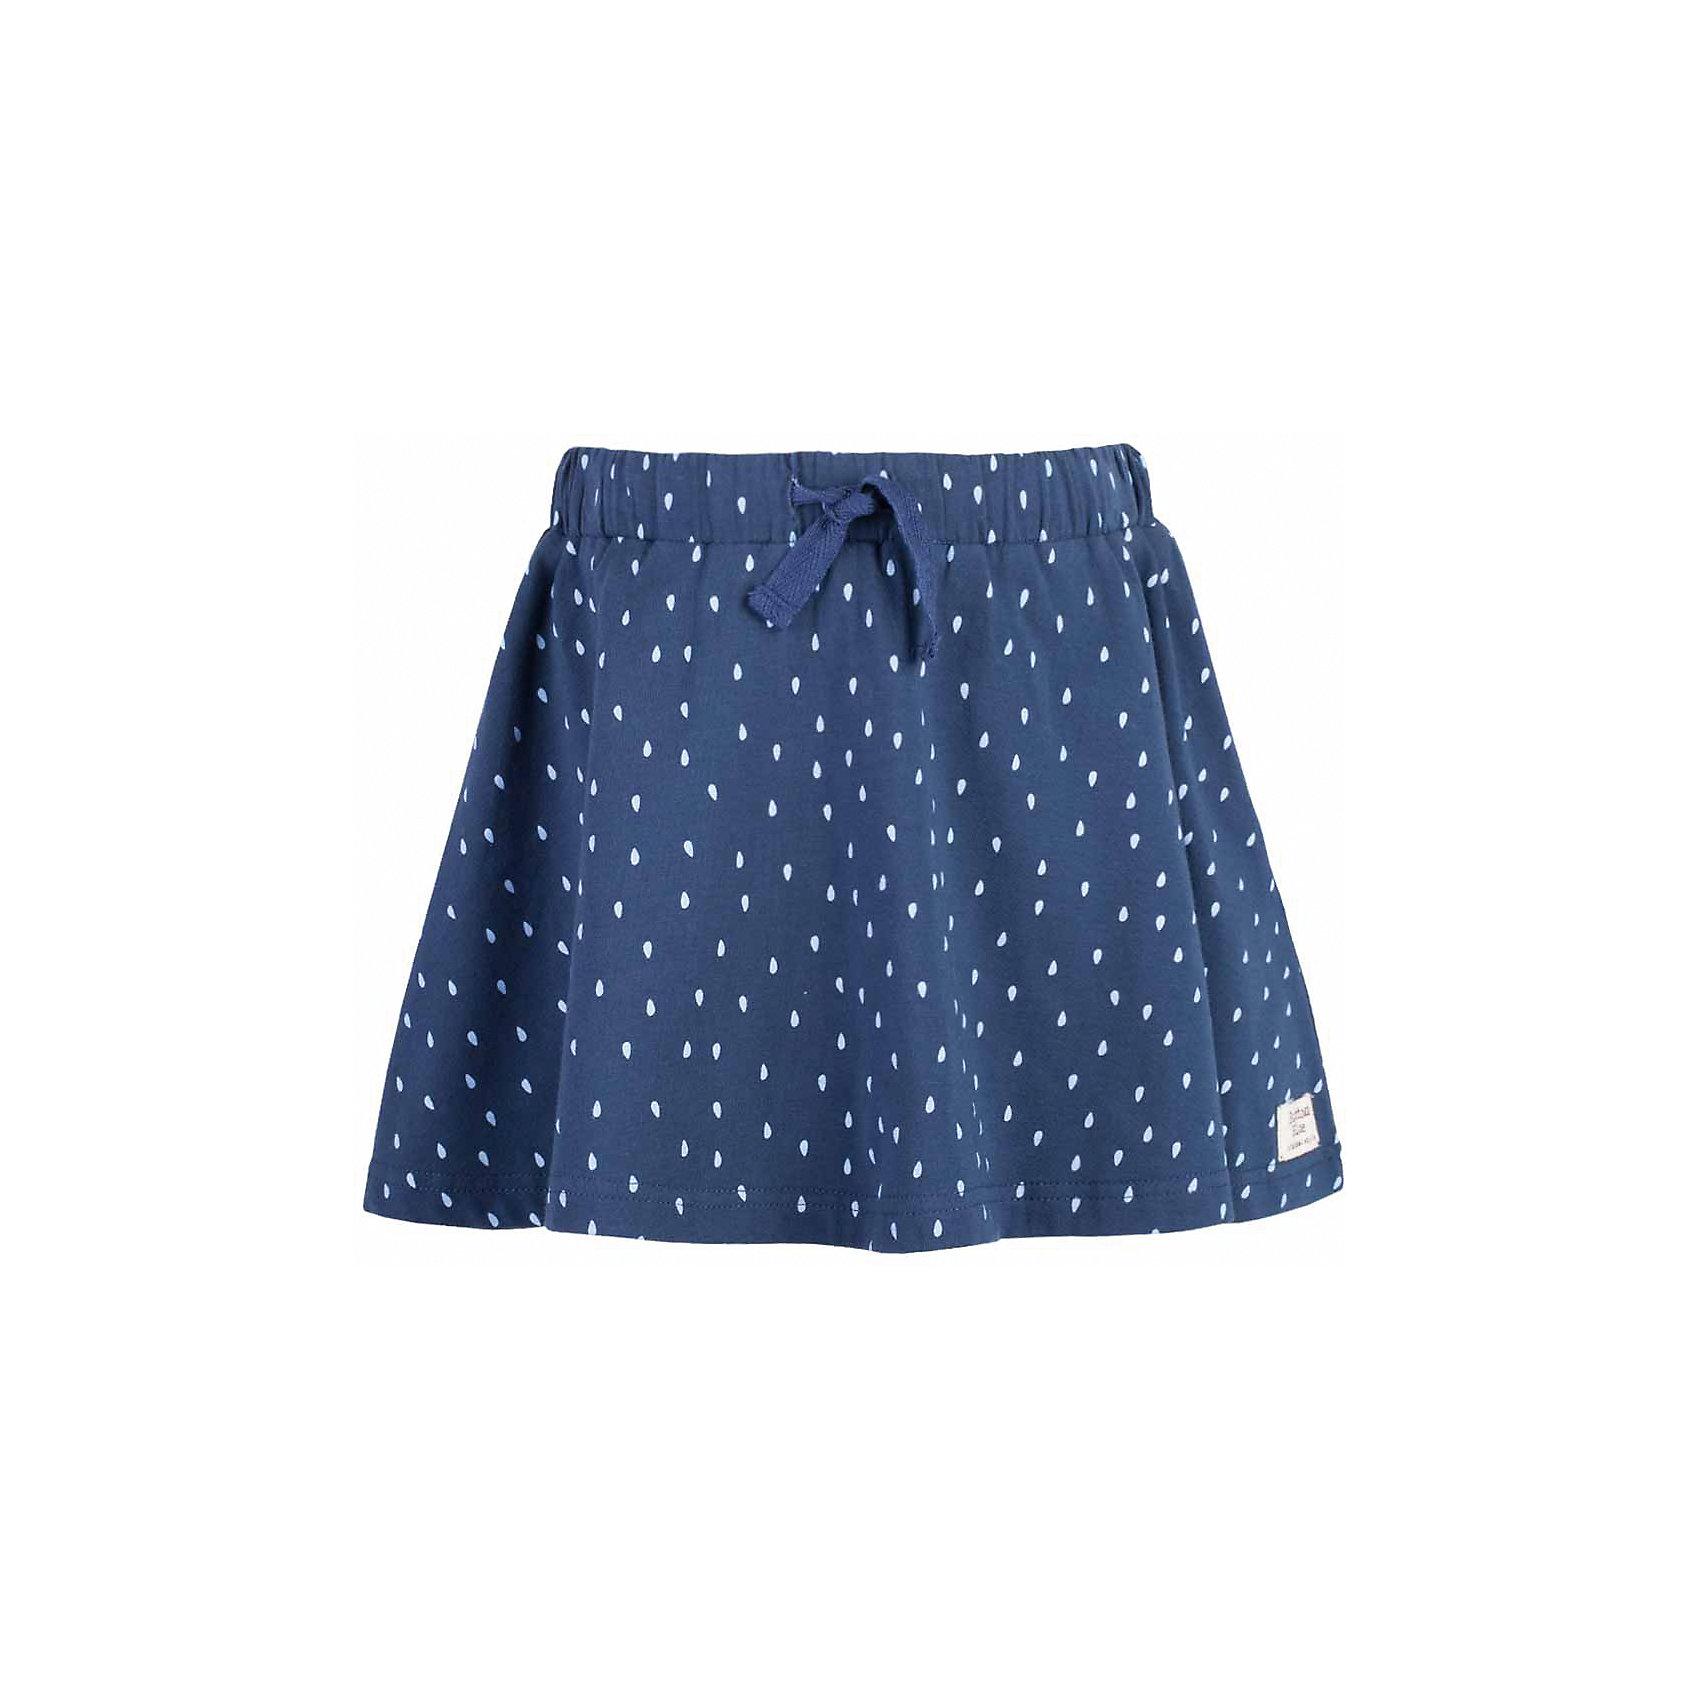 Юбка для девочки  BUTTON BLUEЮбки<br>Юбка для девочки  BUTTON BLUE<br>Не один детский гардероб не обойдется без летней юбки. А если она еще и красива, и удобна, и продается по доступной цене, эта юбка девочке просто необходима! Если вы хотите купить стильную трикотажную юбку недорого, не сомневаясь в ее качестве, комфорте и высоких потребительских свойствах, эта симпатичная модель с рисунком — отличный вариант!<br>Состав:<br>95% хлопок 5% эластан<br><br>Ширина мм: 207<br>Глубина мм: 10<br>Высота мм: 189<br>Вес г: 183<br>Цвет: синий<br>Возраст от месяцев: 144<br>Возраст до месяцев: 156<br>Пол: Женский<br>Возраст: Детский<br>Размер: 98,158,104,110,116,122,128,134,140,146,152<br>SKU: 5523571